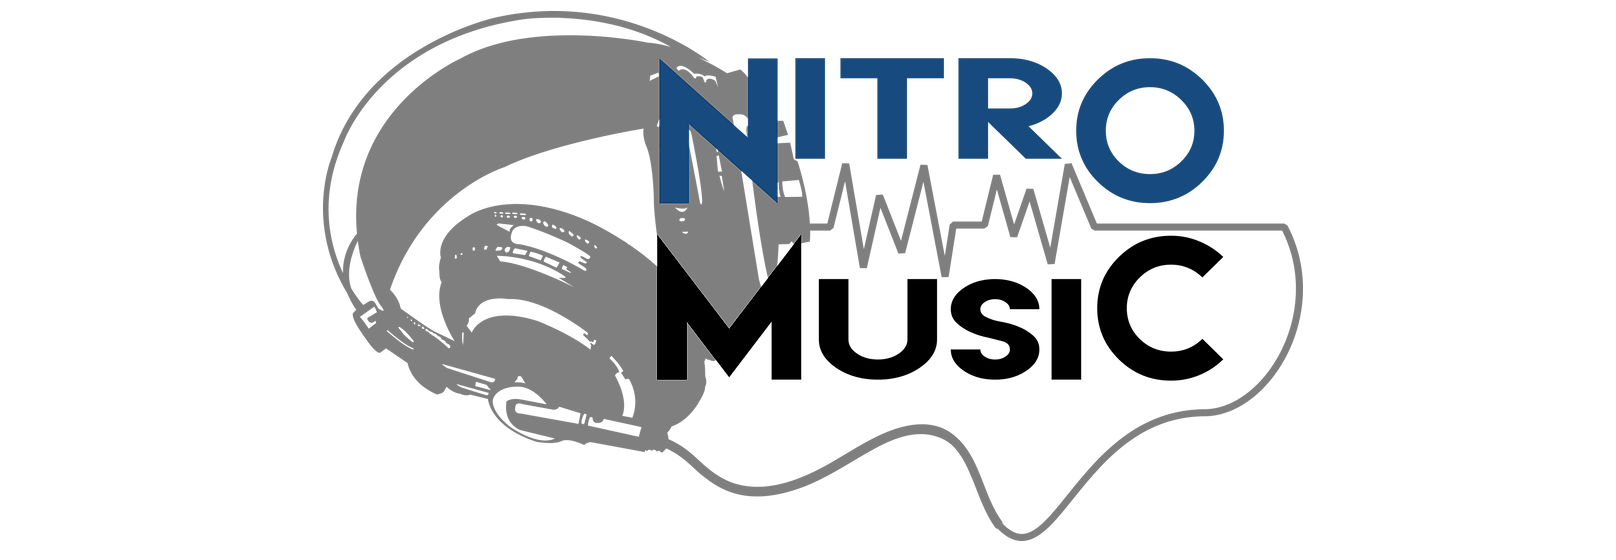 Nitro Music